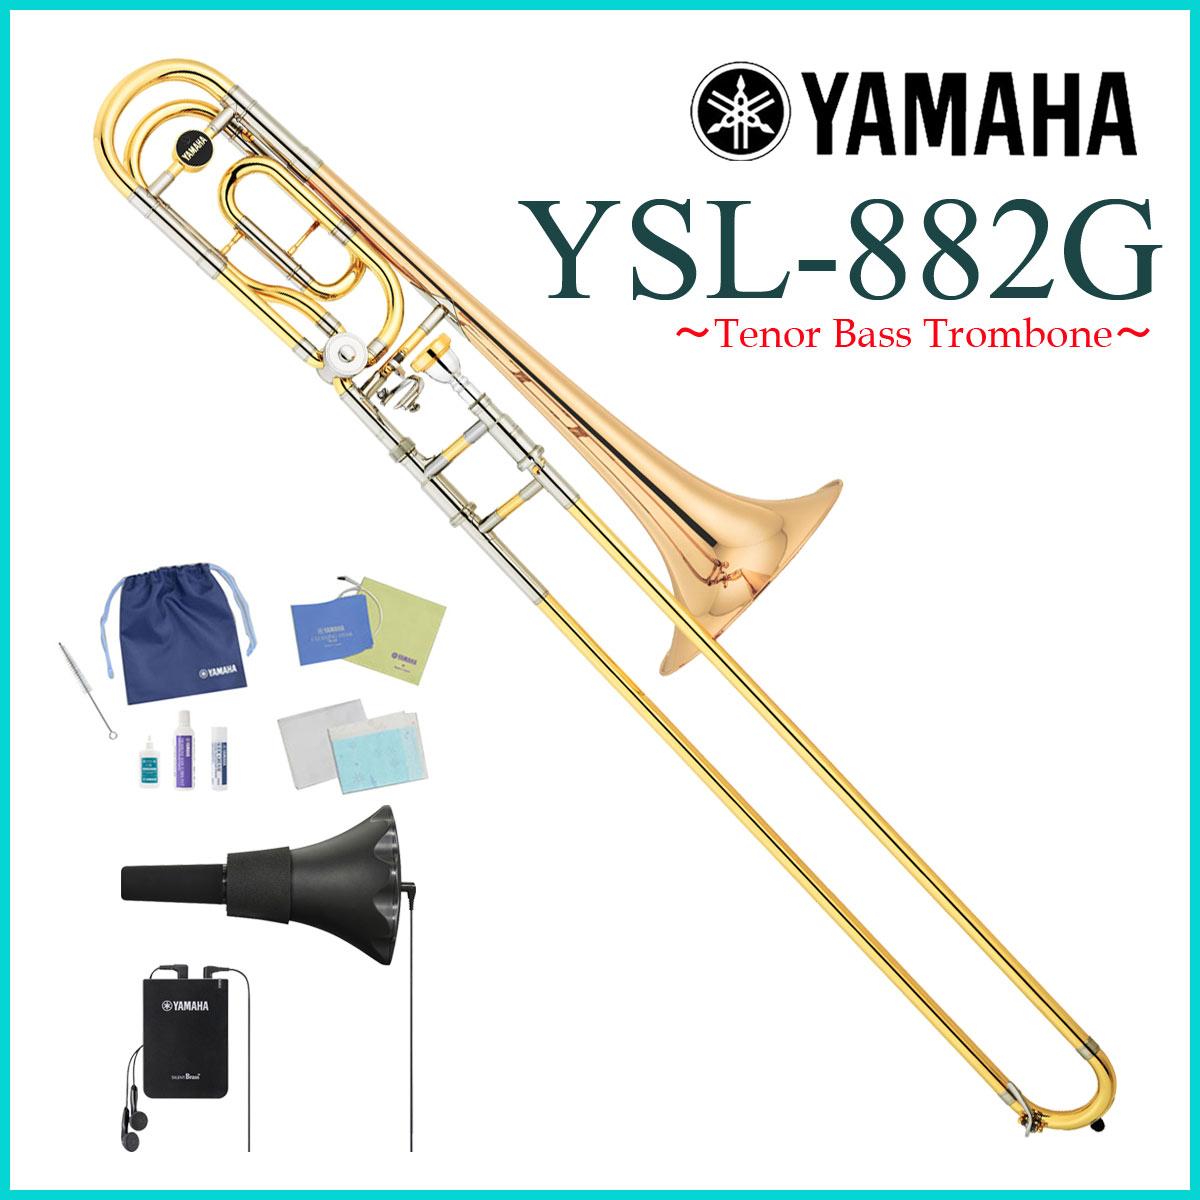 【タイムセール:17日12時まで】YAMAHA / YSL-882G ヤマハ トロンボーン YSL882G 《サイレントブラスセット》《倉庫保管新品※もちろん出荷前調整》《5年保証》